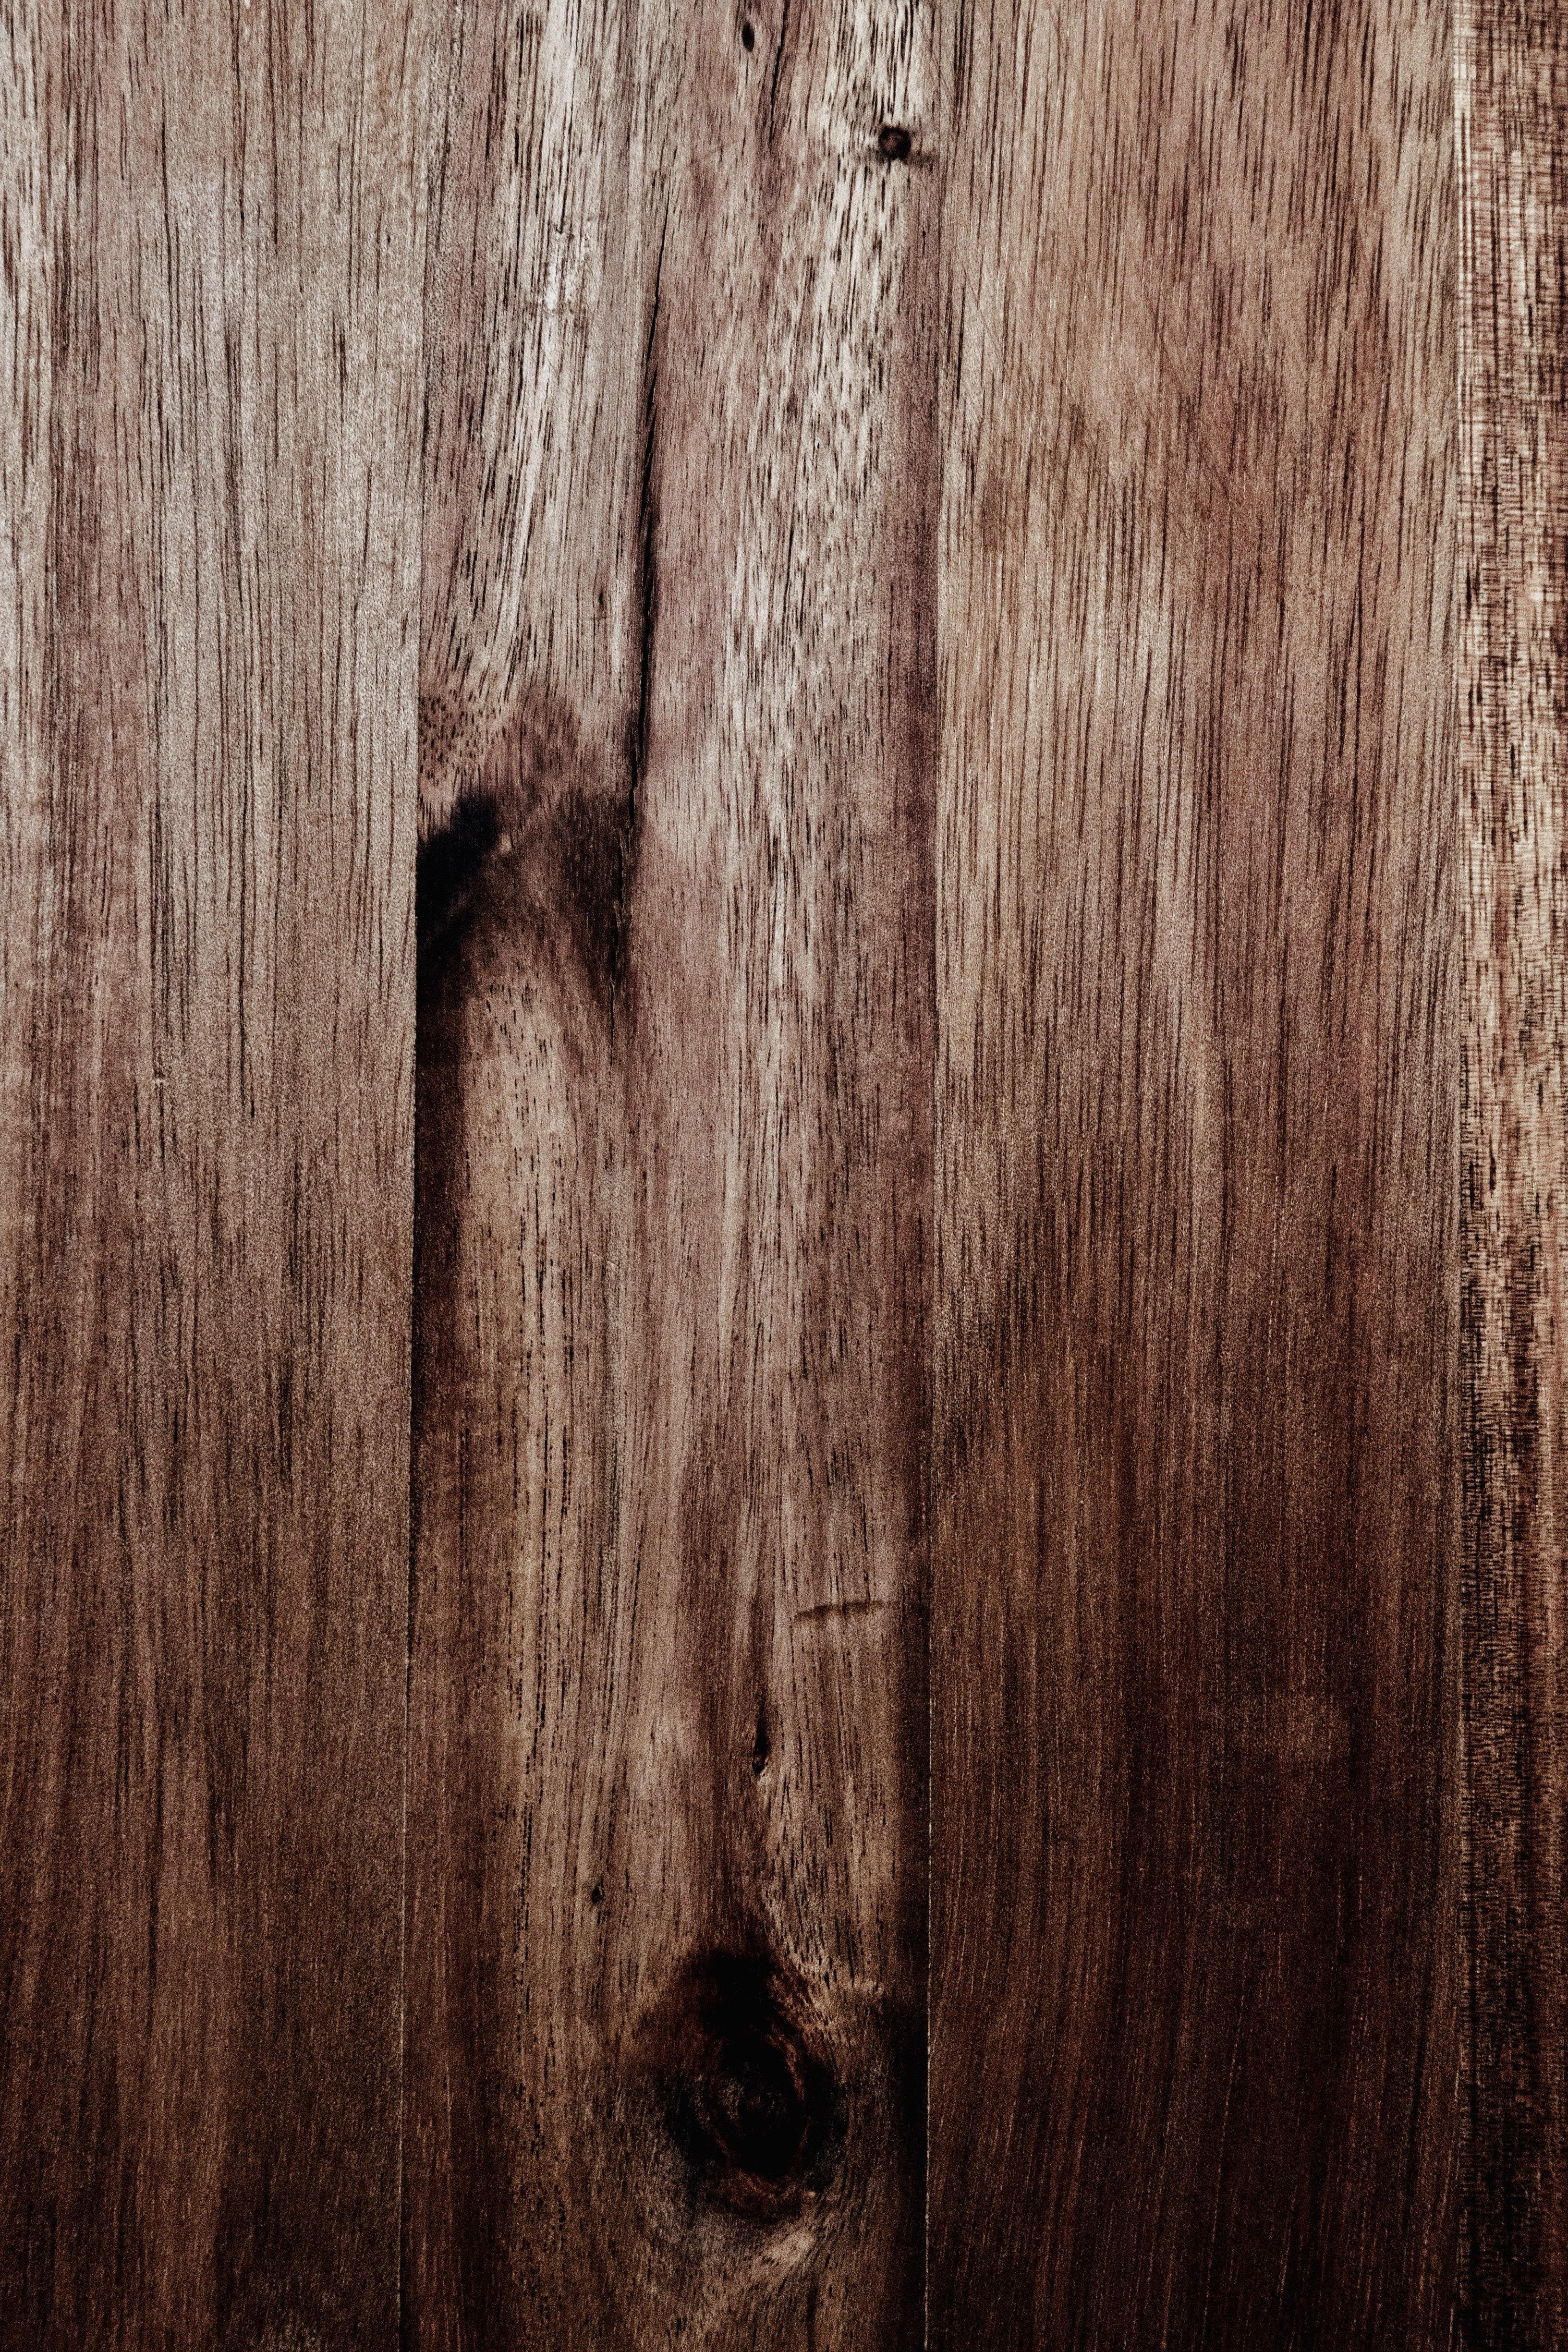 68911 Hintergrundbild herunterladen Texturen, Holz, Baum, Textur, Braun, Oberfläche, Bord, Tafel - Bildschirmschoner und Bilder kostenlos